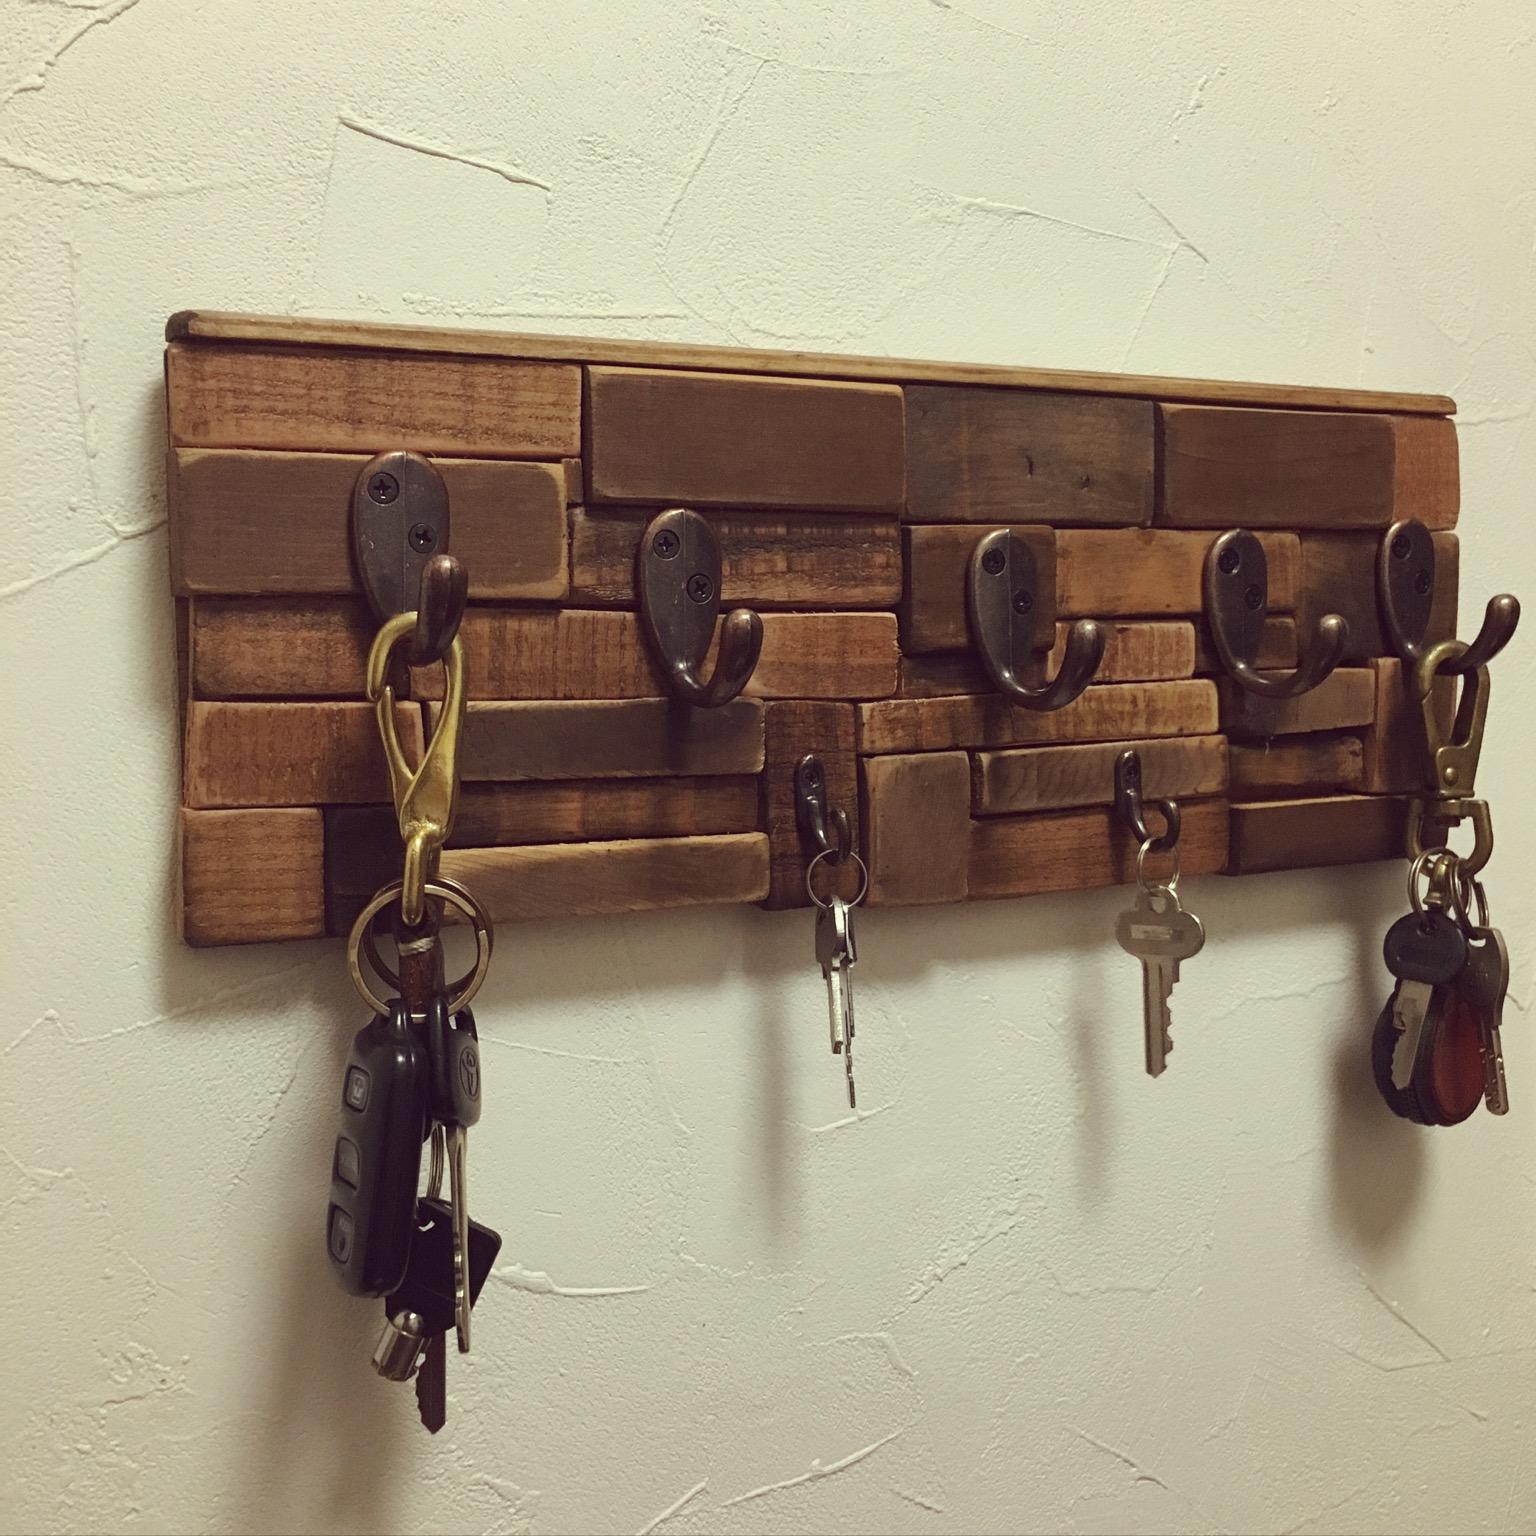 余った端材で鍵掛けを作成しました